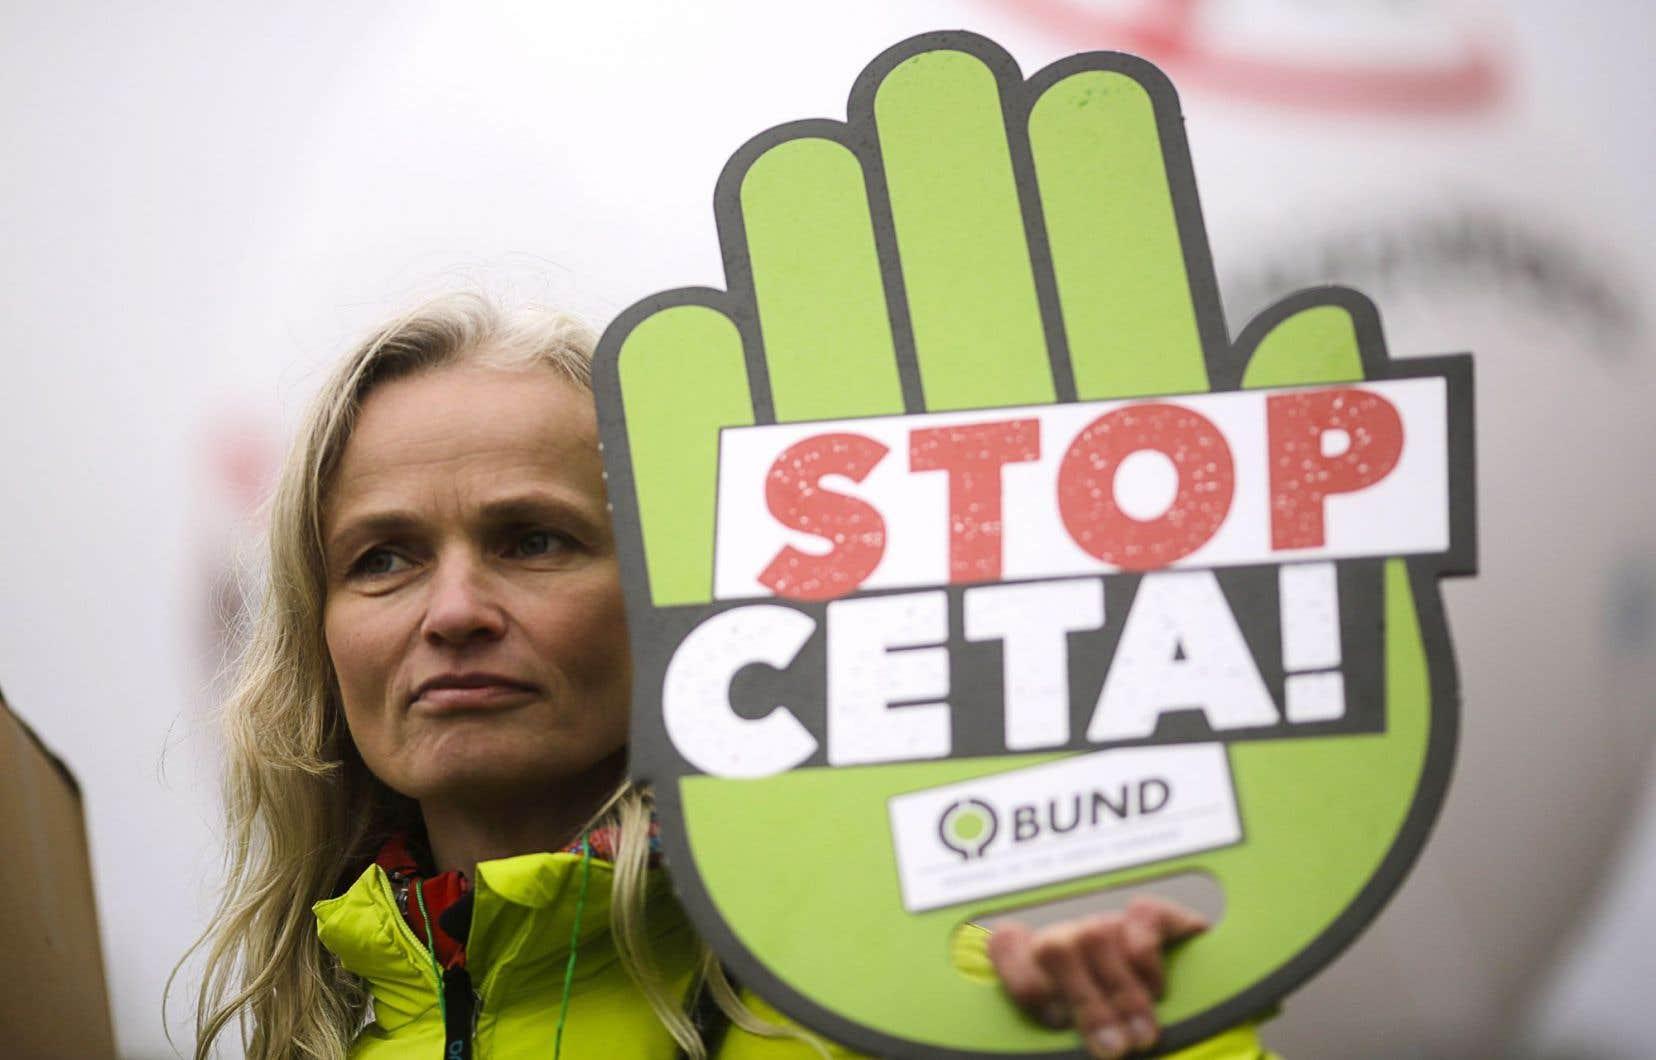 En l'état, l'AECG (ou CETA en anglais), visant à faciliter les échanges économiques entre l'Europe et le Canada, va à contresens de nos engagements internationaux de limiter le réchauffement climatique bien en deçà de 2°C.